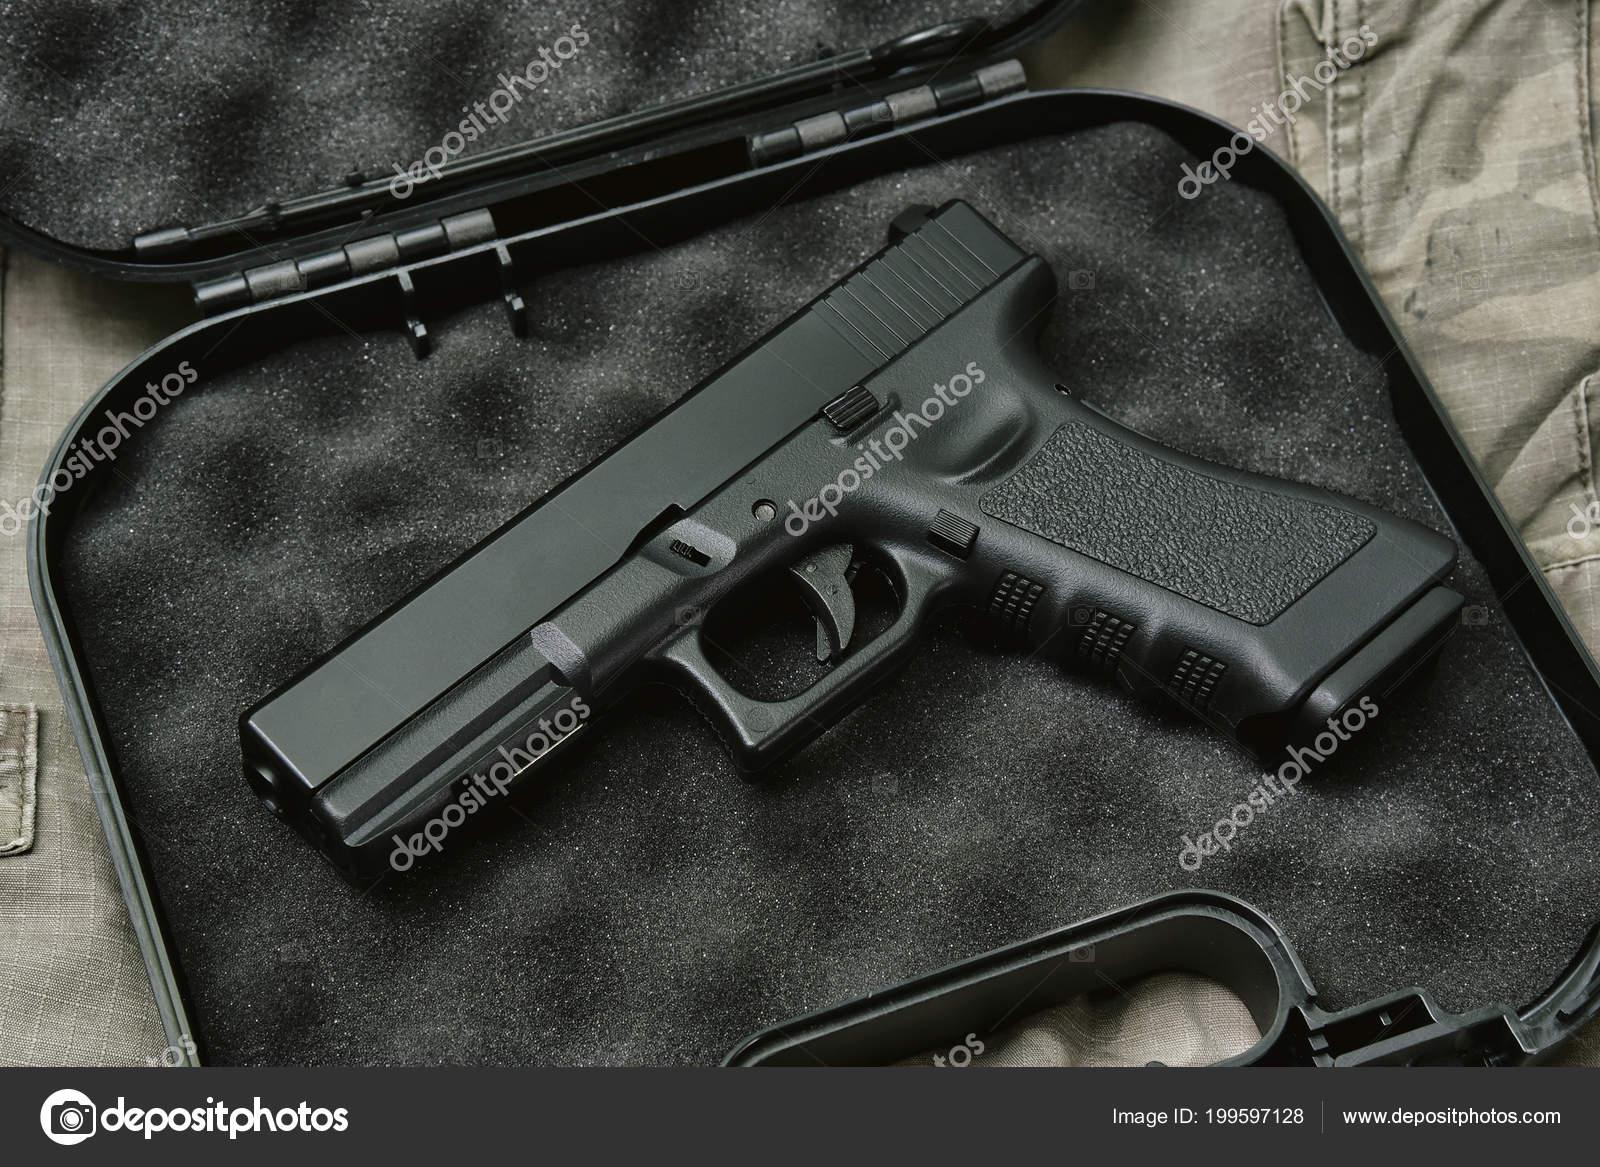 Pistol 9Mm Gun Weapon Series Police Handgun Close Camouflage